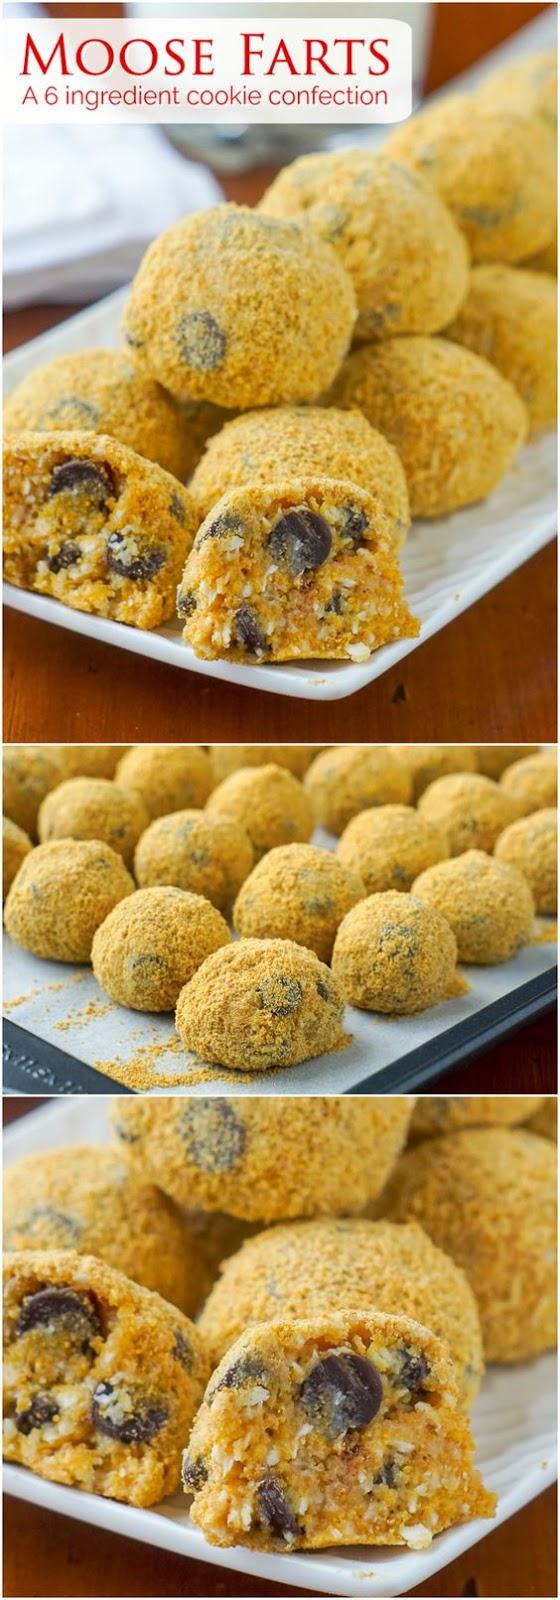 MOOSE FARTS #cookies #cookierecipes #easycookierecipes #moose #farts